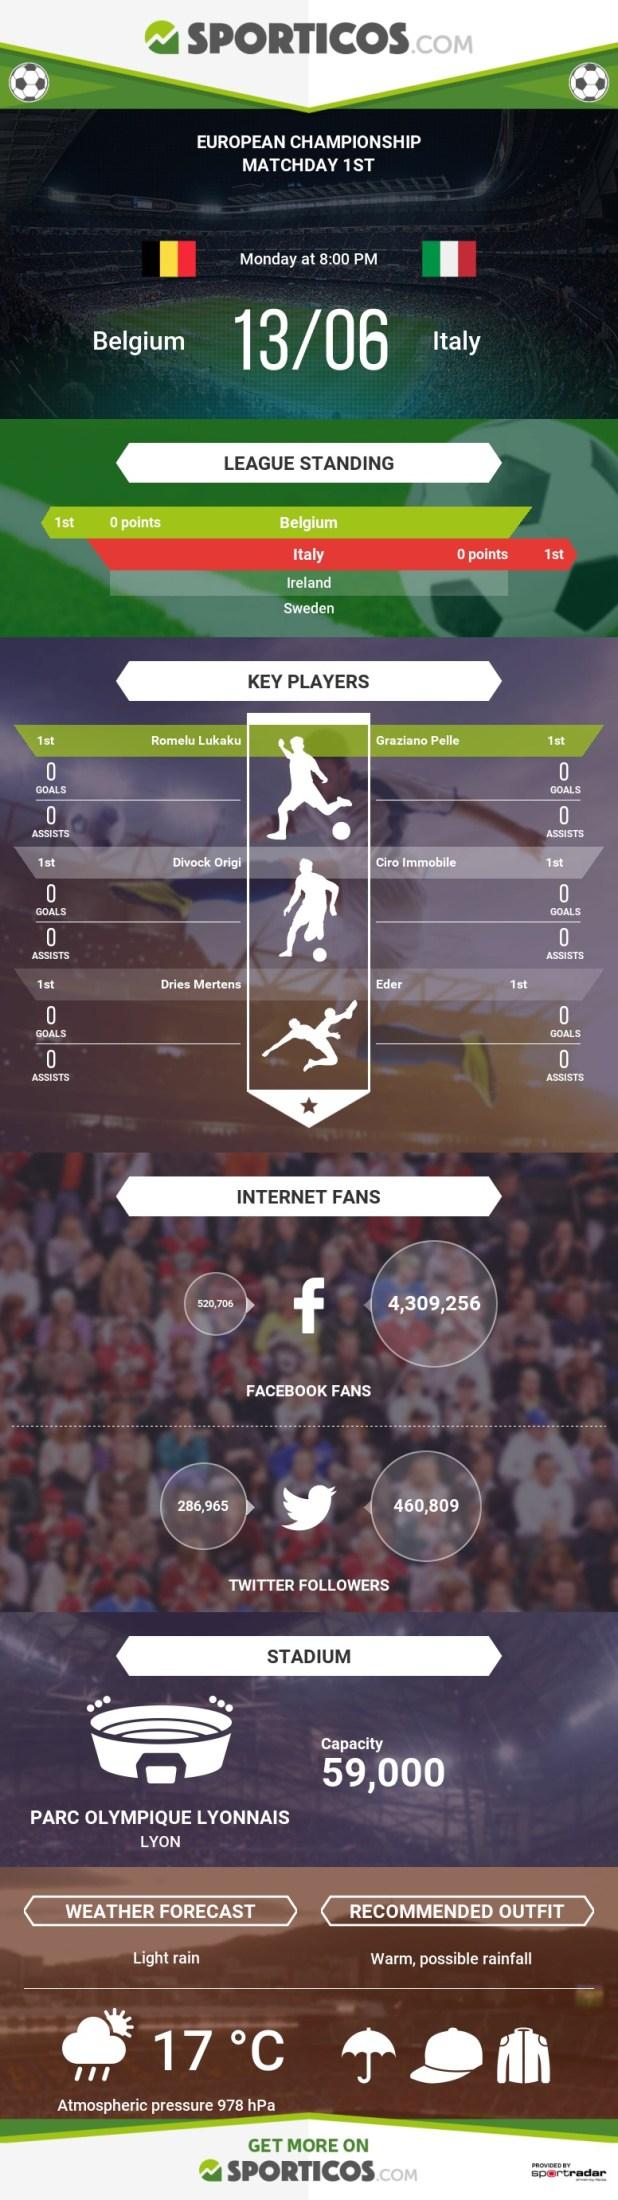 Sporticos_com_belgium_vs_italy